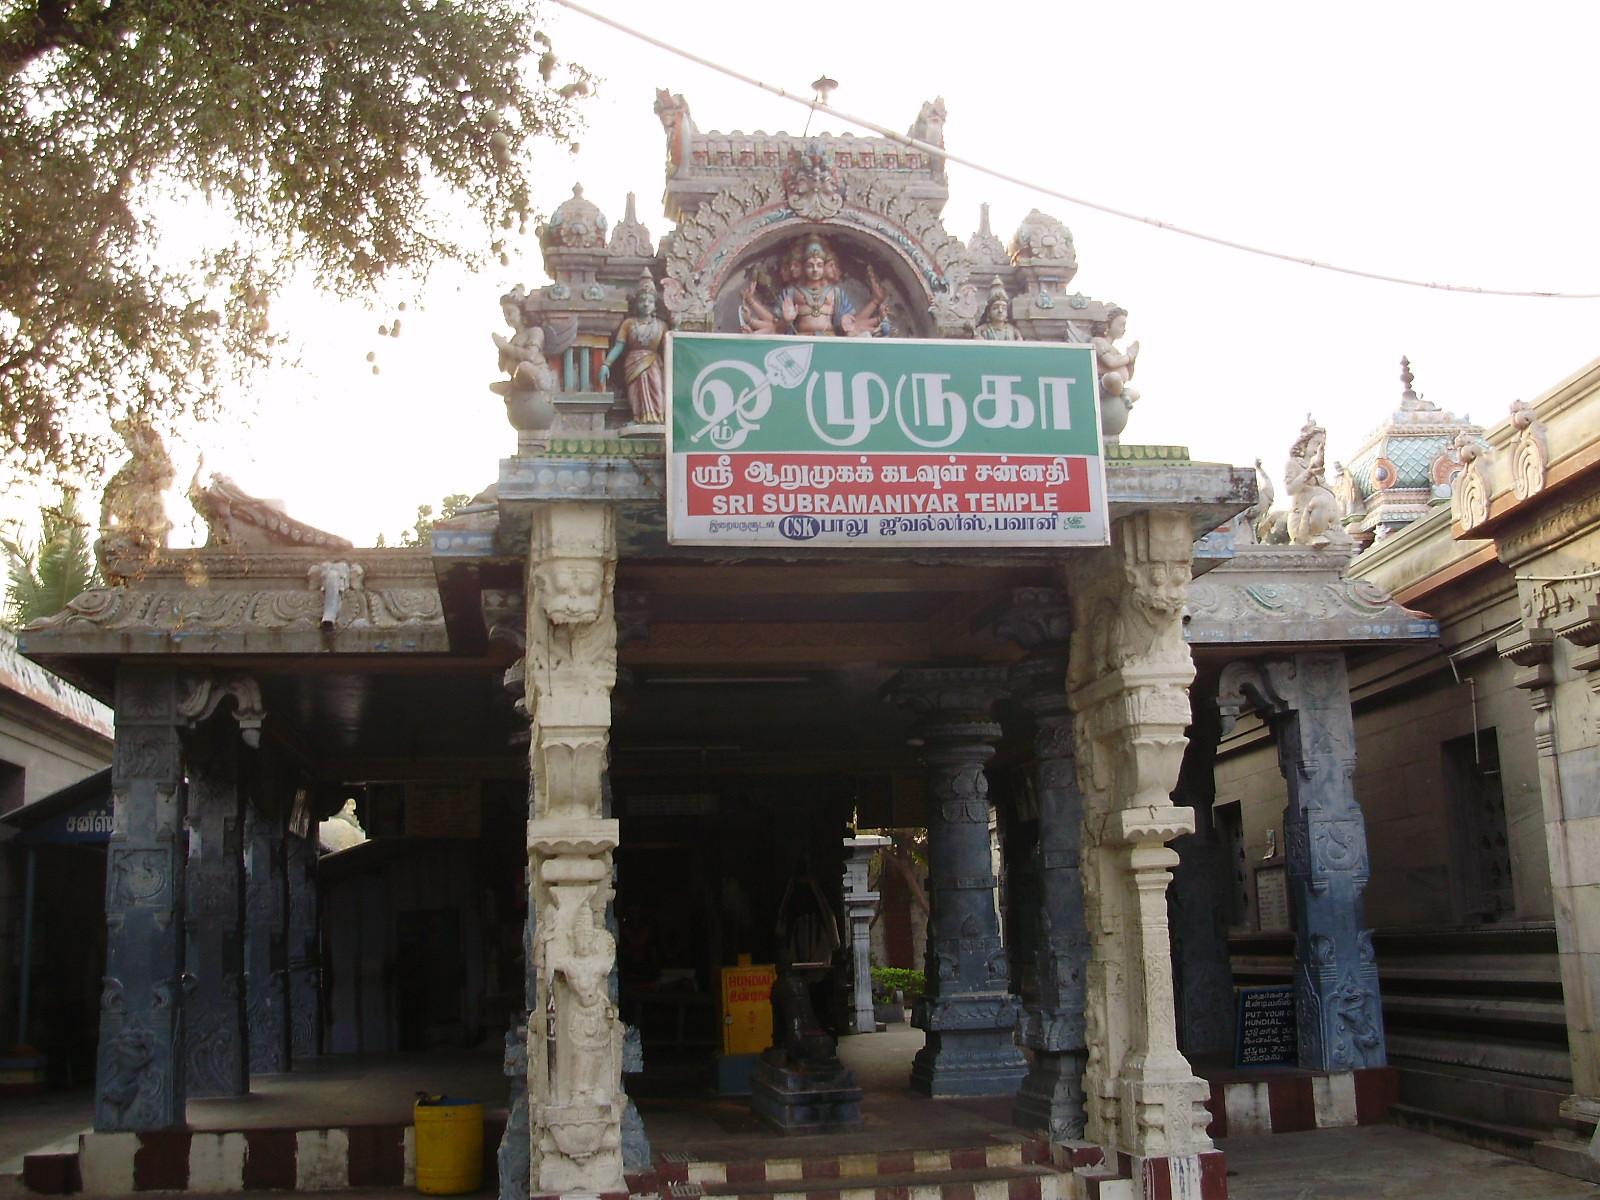 Arulmigu Bhavani Sangameshwarar Temple